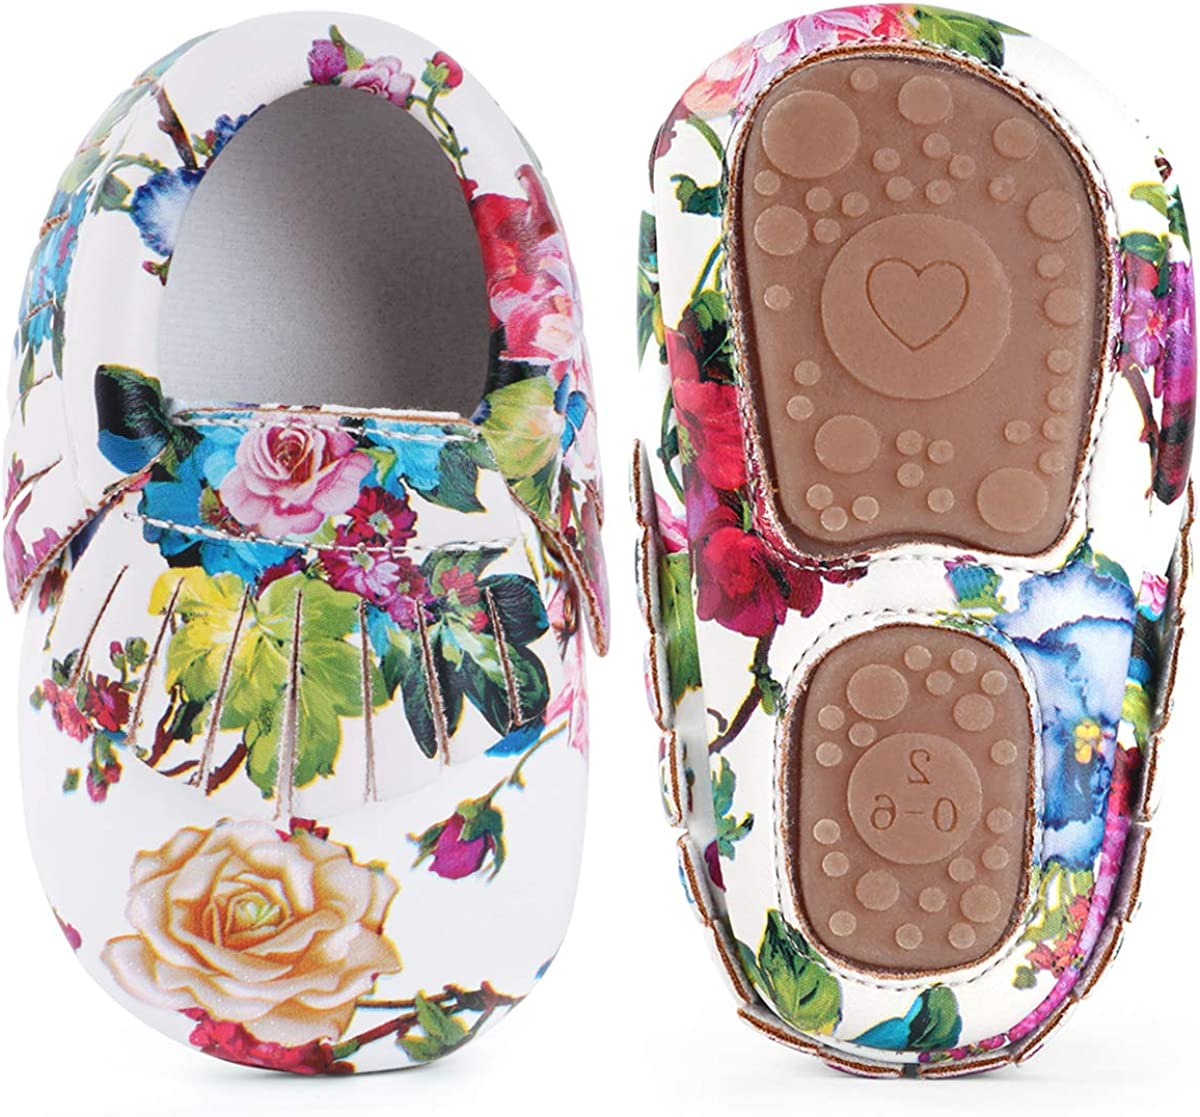 LIVEBOX Infant Baby Girls Shoes Soft Sole Anti-Slip Tassels Mocassins Crib Shoes Prewalker Toddler Rose Print Flower Shoes for 0-18 Months Babies